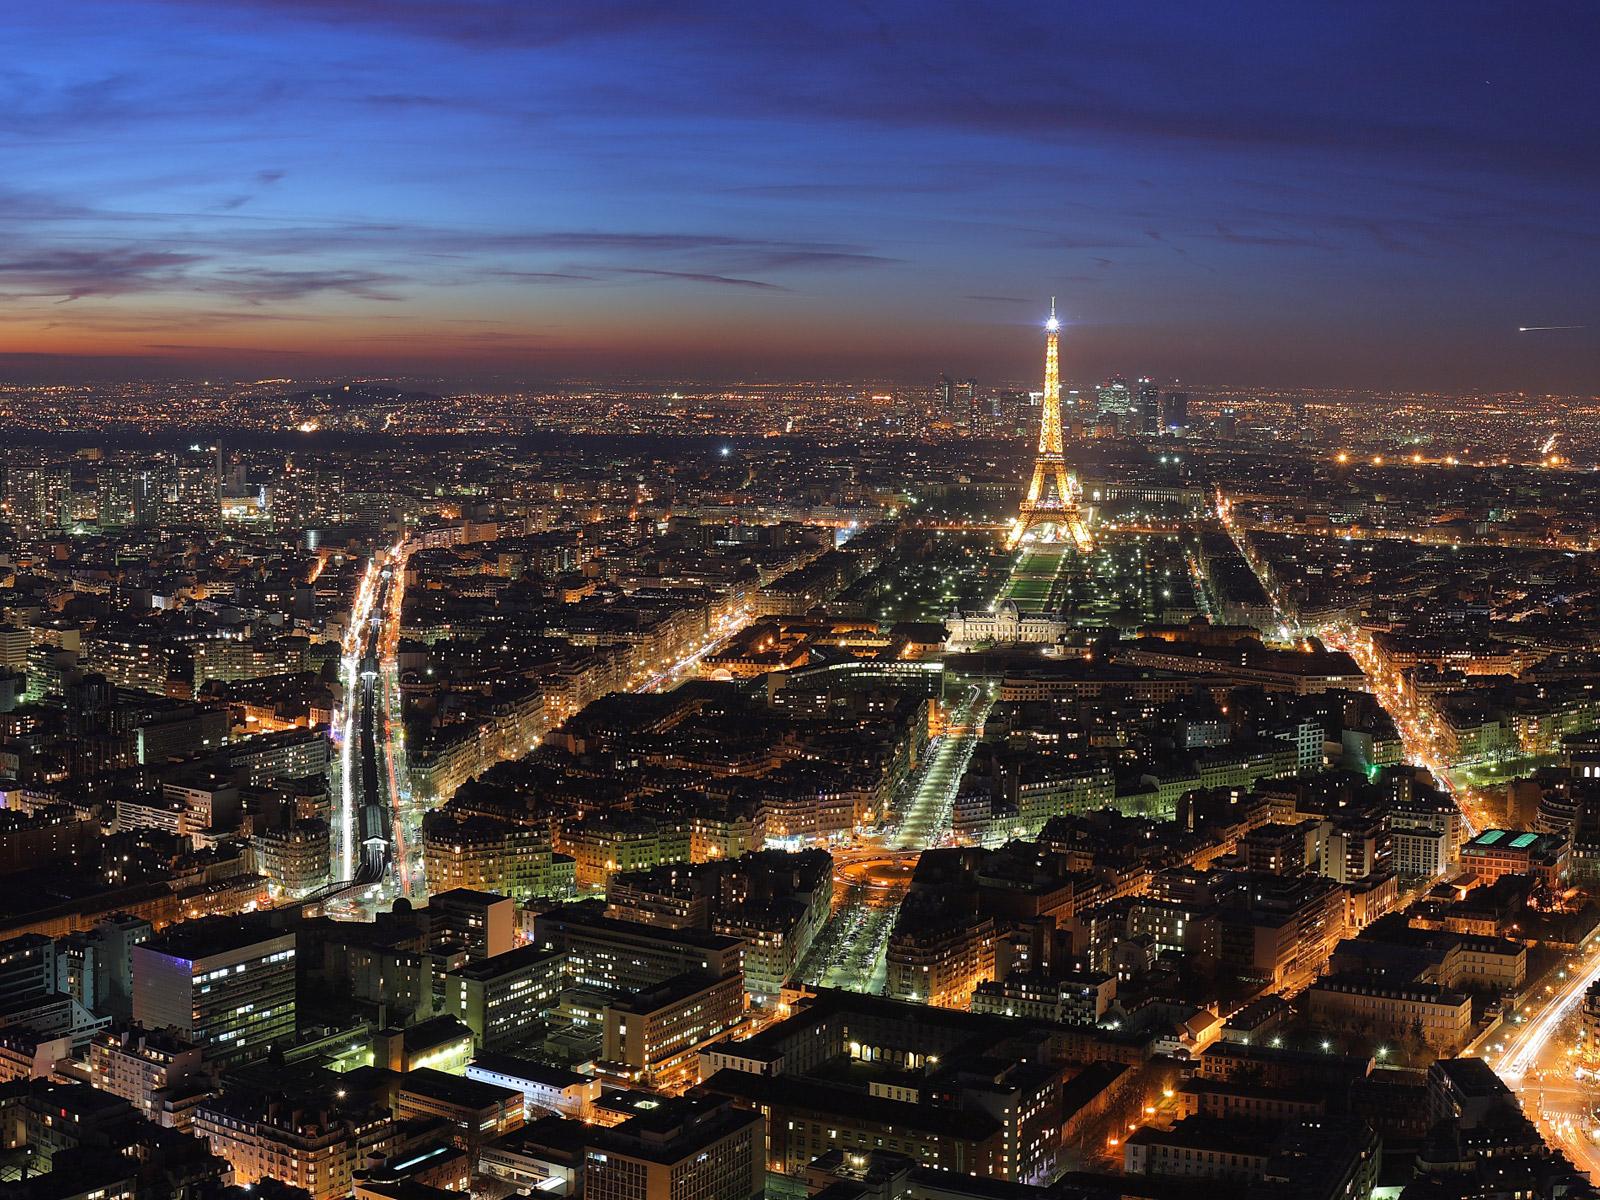 Париж - столица Франции